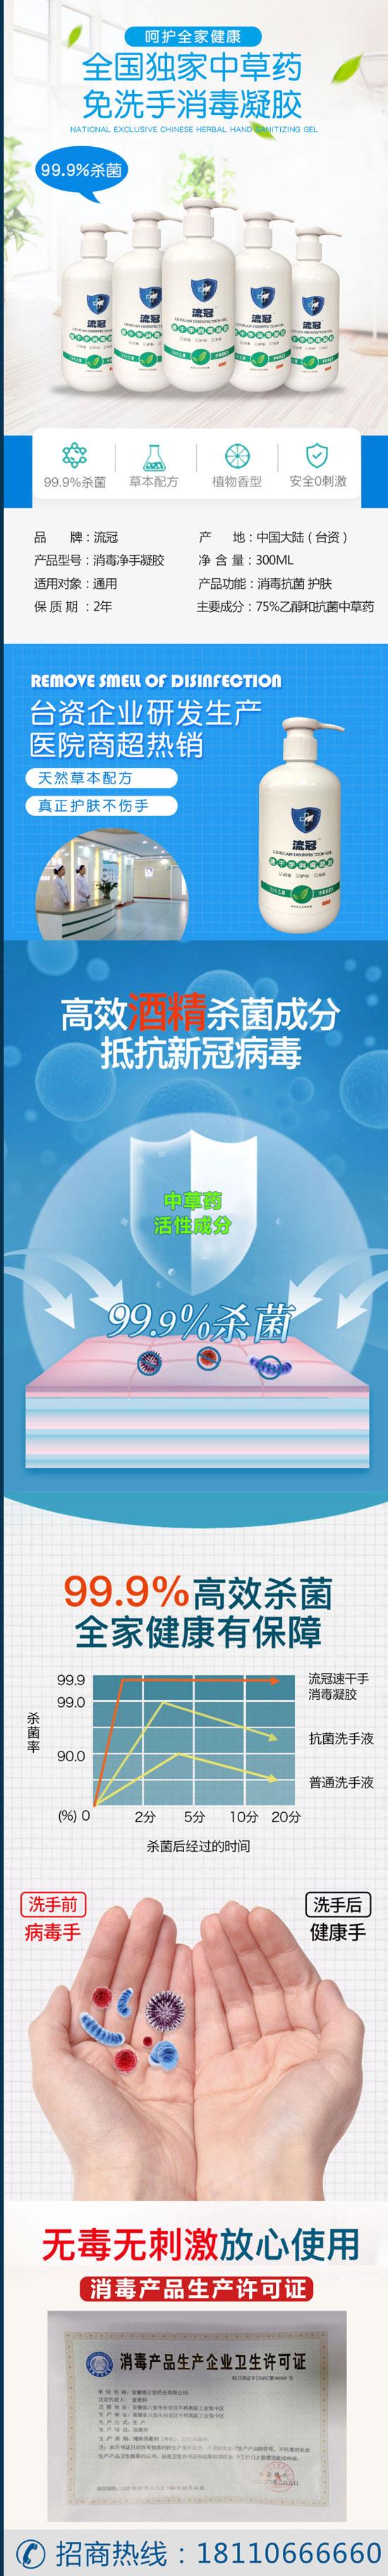 1168医药保健品网-【流冠速干手消毒凝胶】招商代理彩页